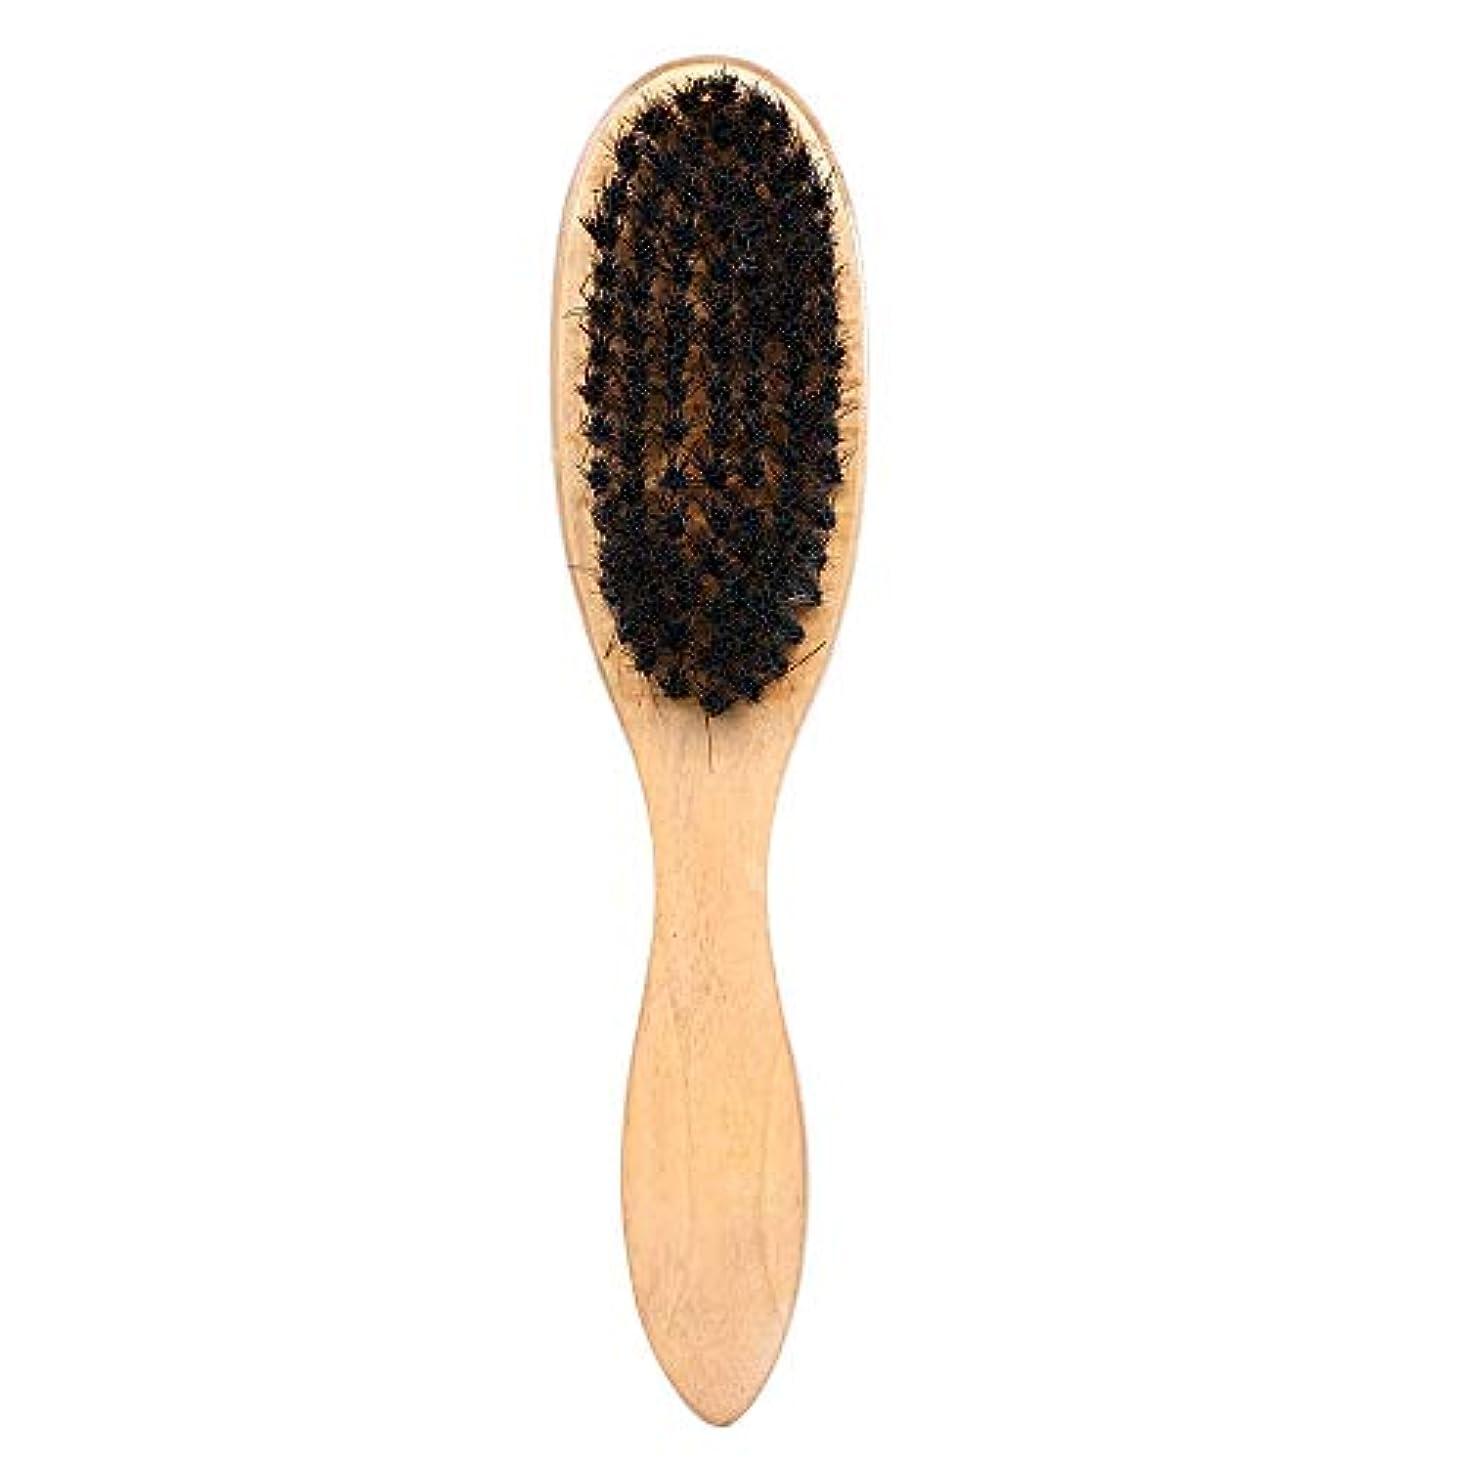 精巧なブラシブロッサムあごひげケア 美容ツール ひげブラシ木製ヘアブラシイノシシ剛毛木製ハンドルシェービングブラシ木製ひげ櫛男性用